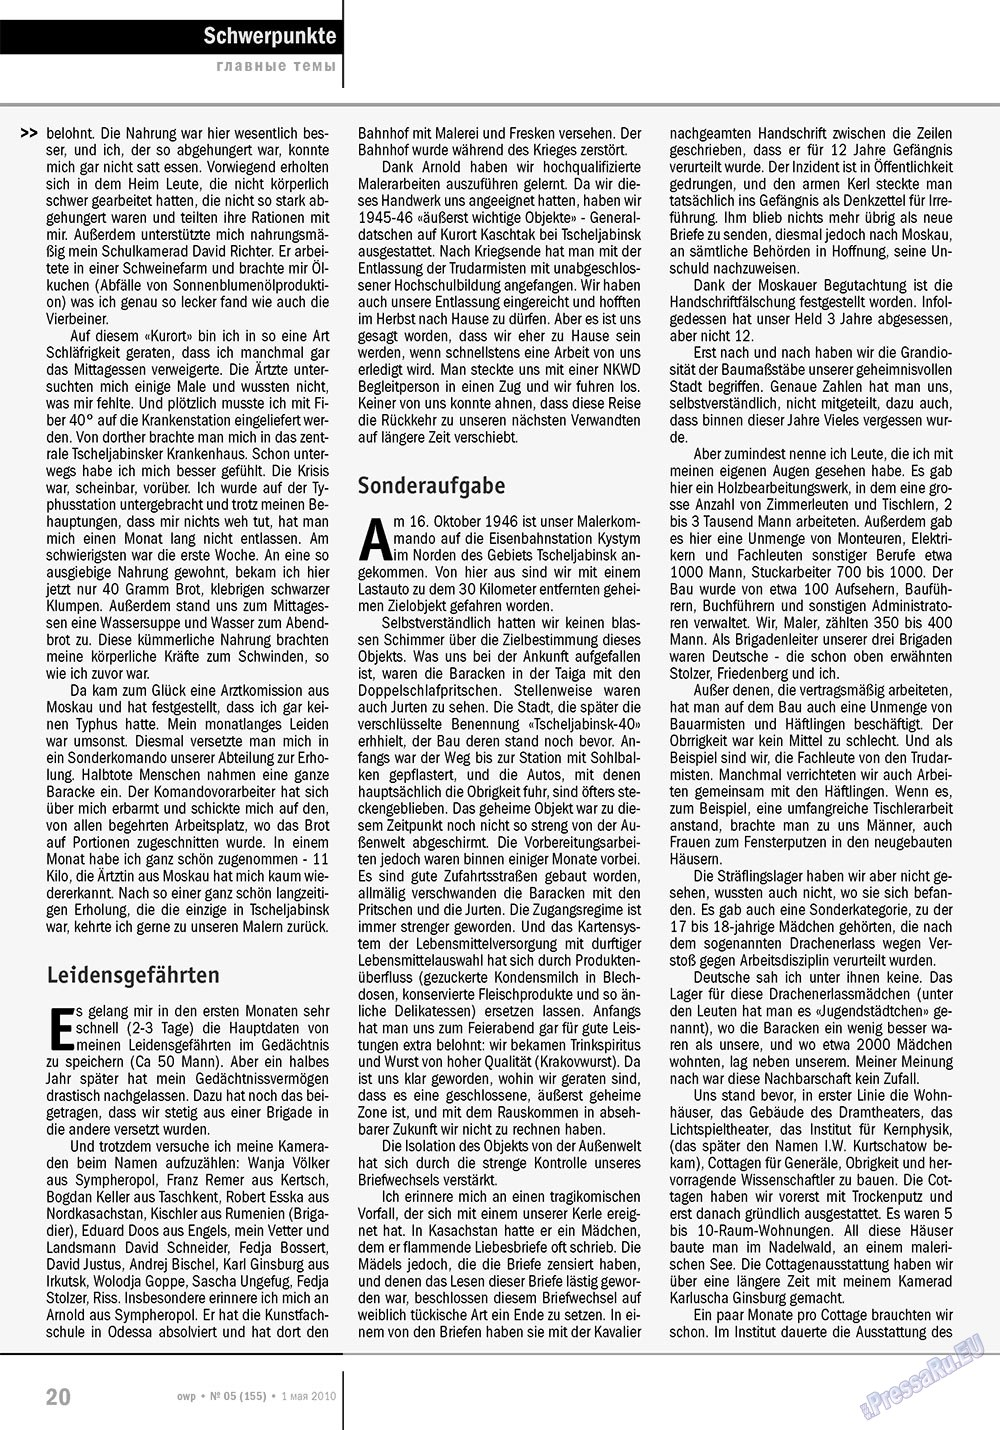 Ost-West Panorama (журнал). 2010 год, номер 5, стр. 20